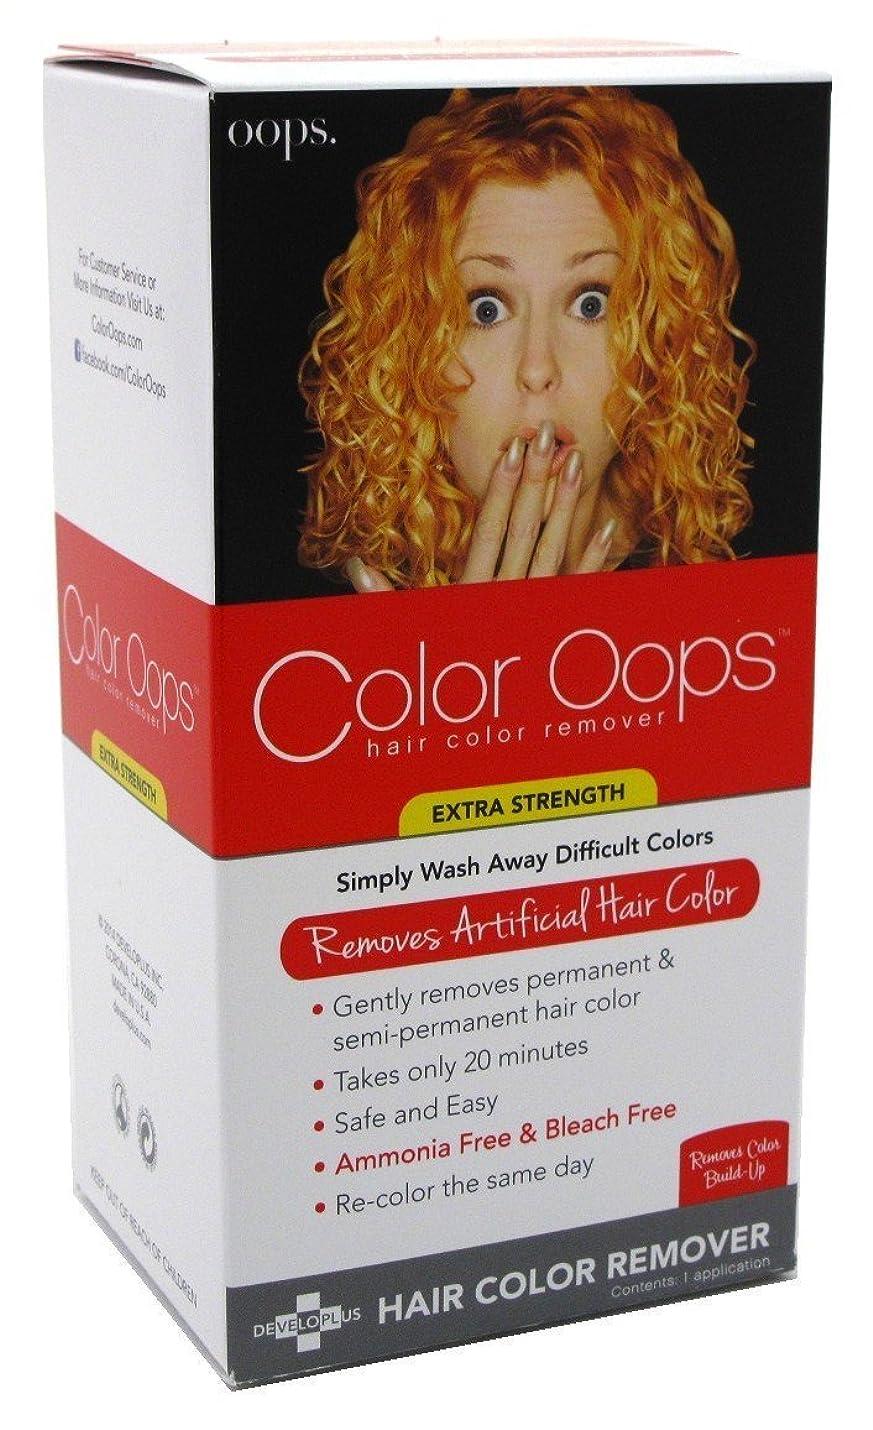 埋め込む支配する雄弁なColor Oops Developlus色リムーバー(エクストラストレングス)(2パック) 2パック